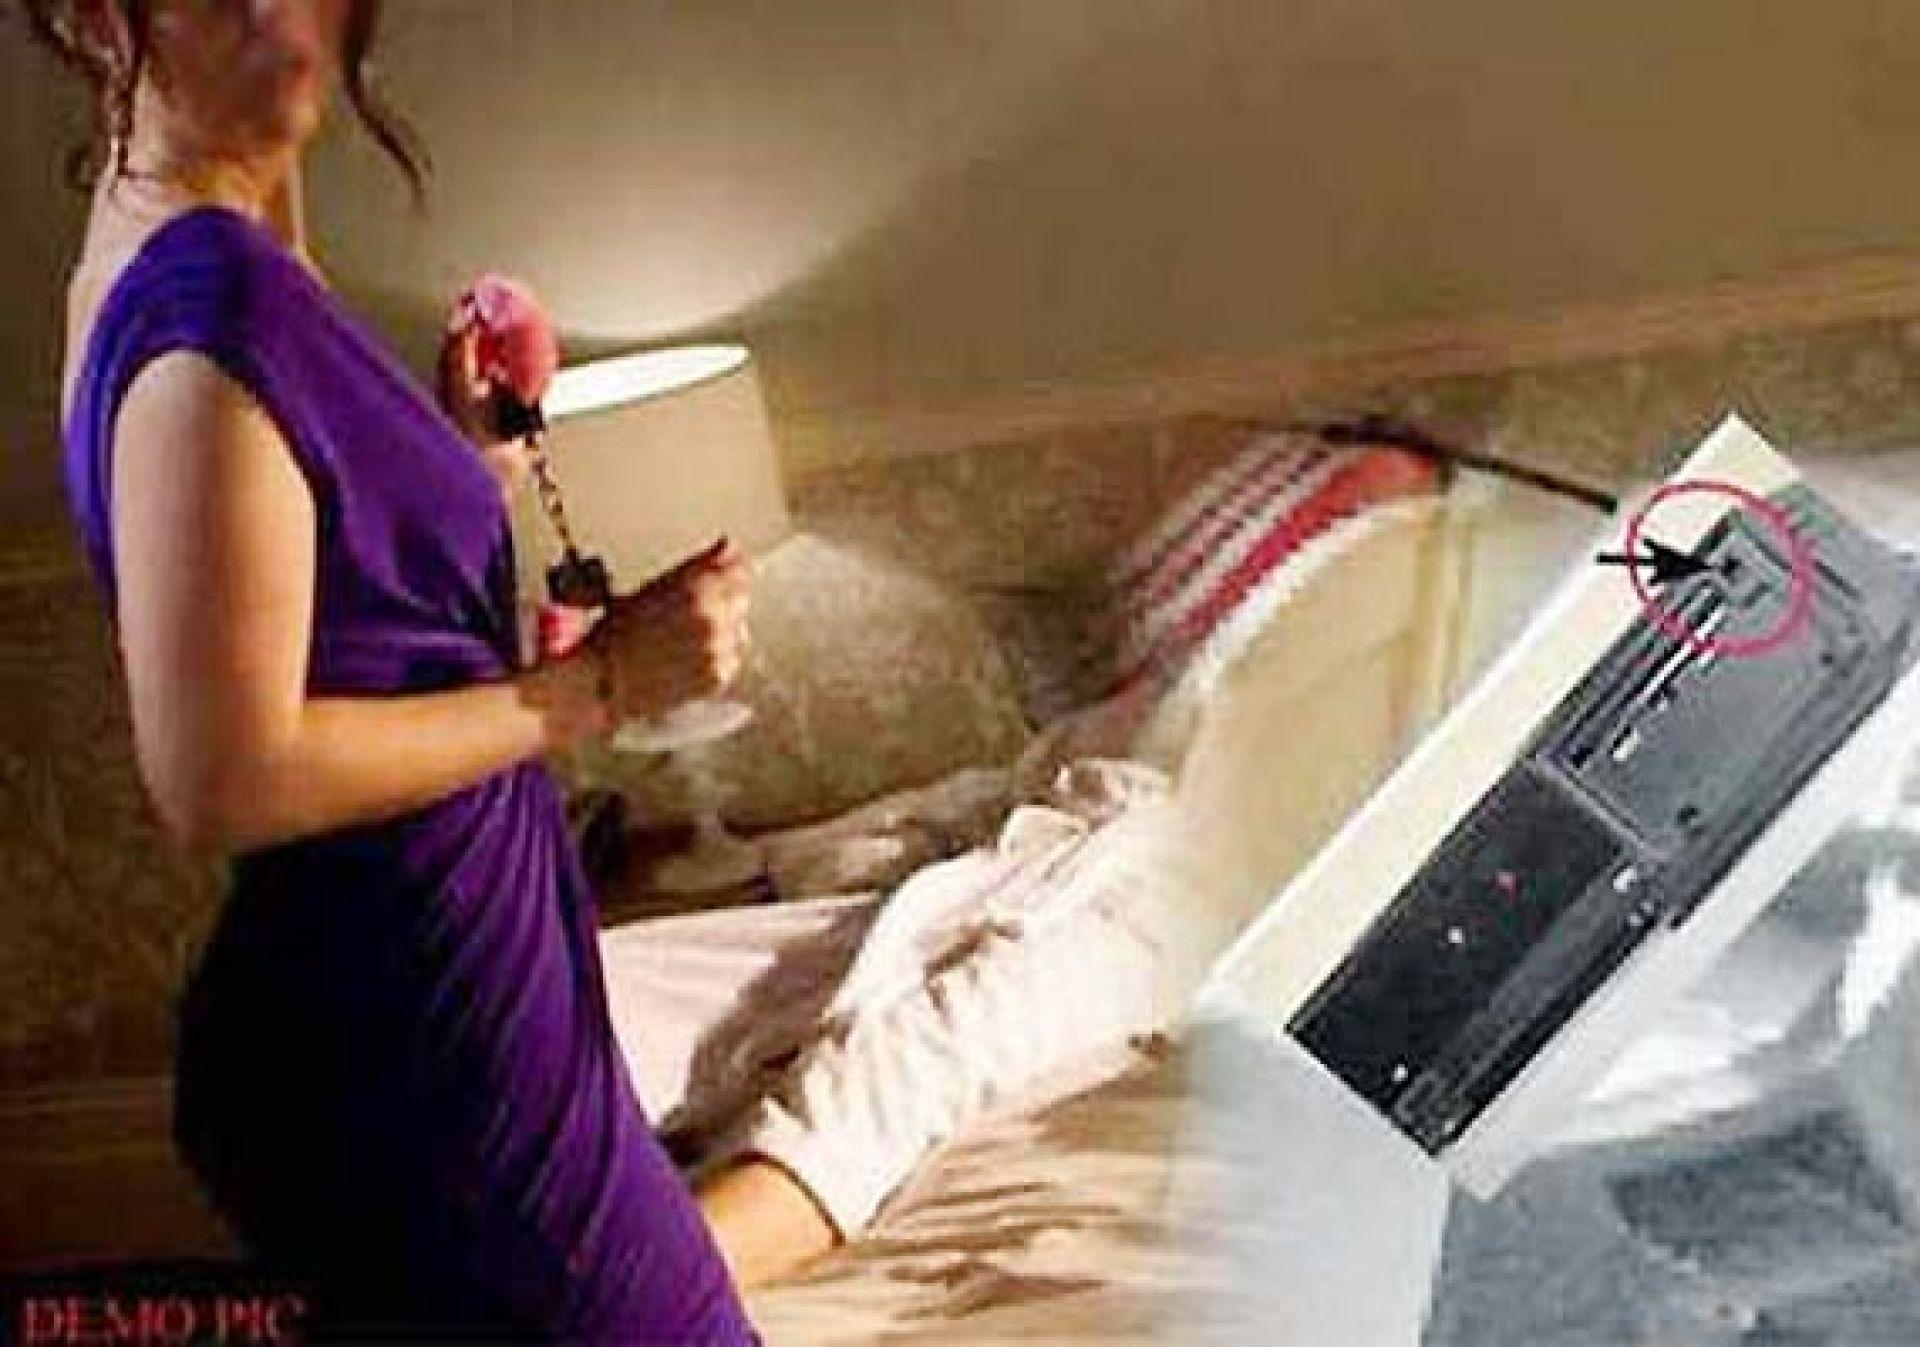 comment d tecter une cam ra cach e dans une chambre d 39 h tel. Black Bedroom Furniture Sets. Home Design Ideas